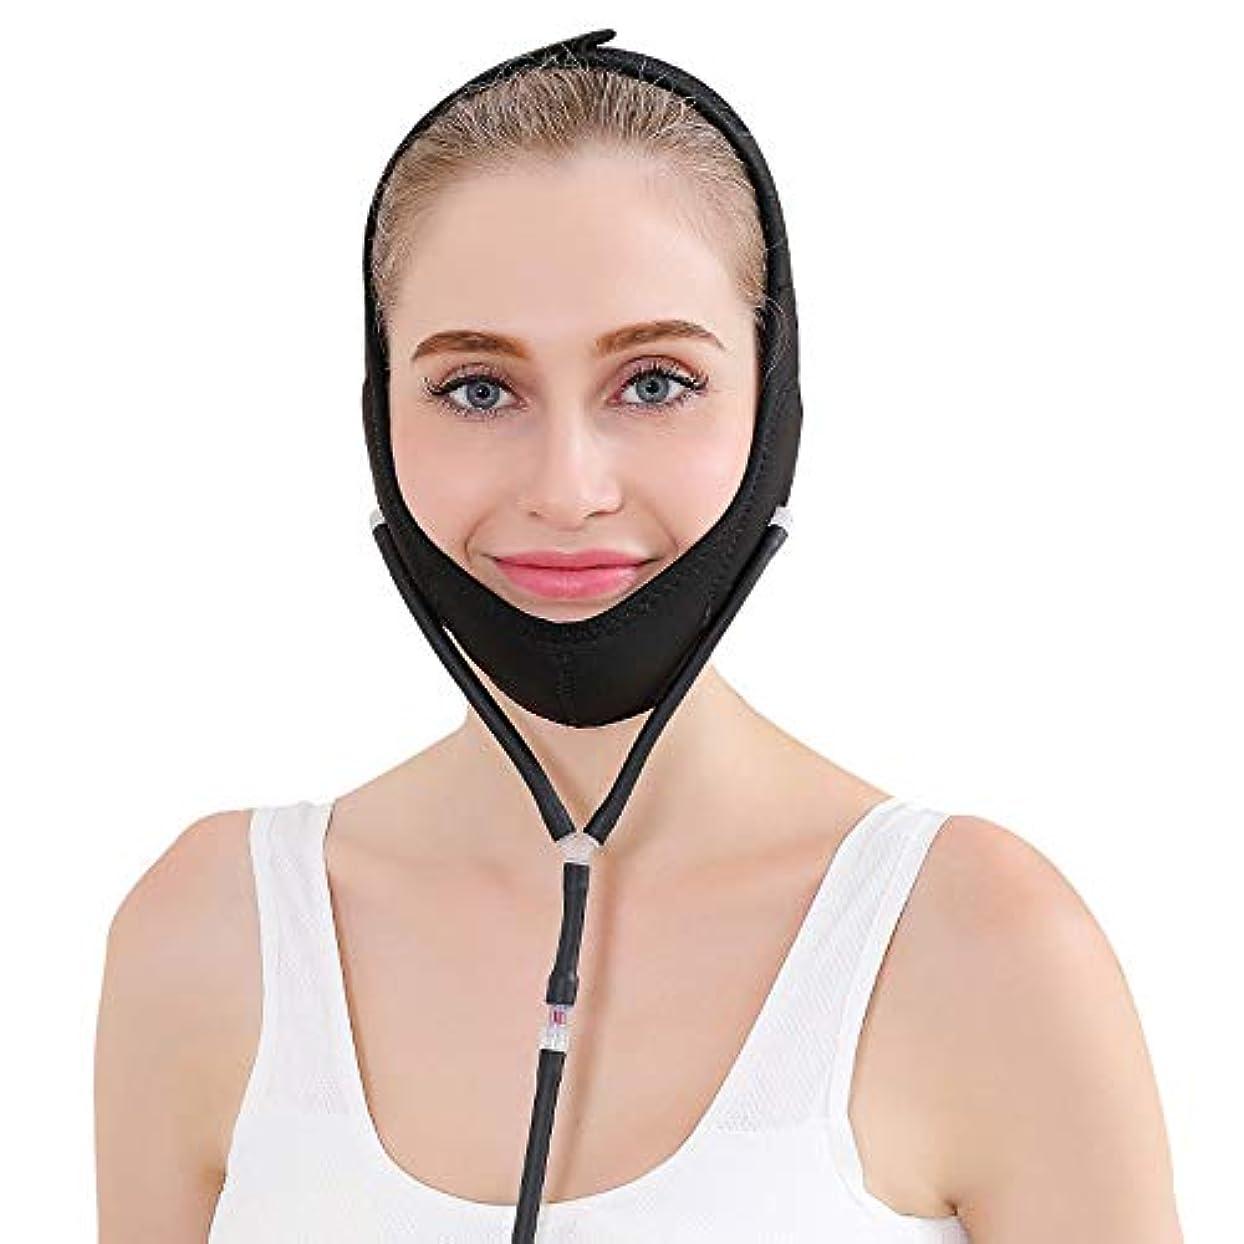 ベッツィトロットウッド音声学ブランドYOE(ヨイ) エアー 顔やせ マスク 小顔 ほうれい線 空気入れ エアーポンプ 顔のエクササイズ フェイスリフト レディース (フリーサイズ, ブラック)